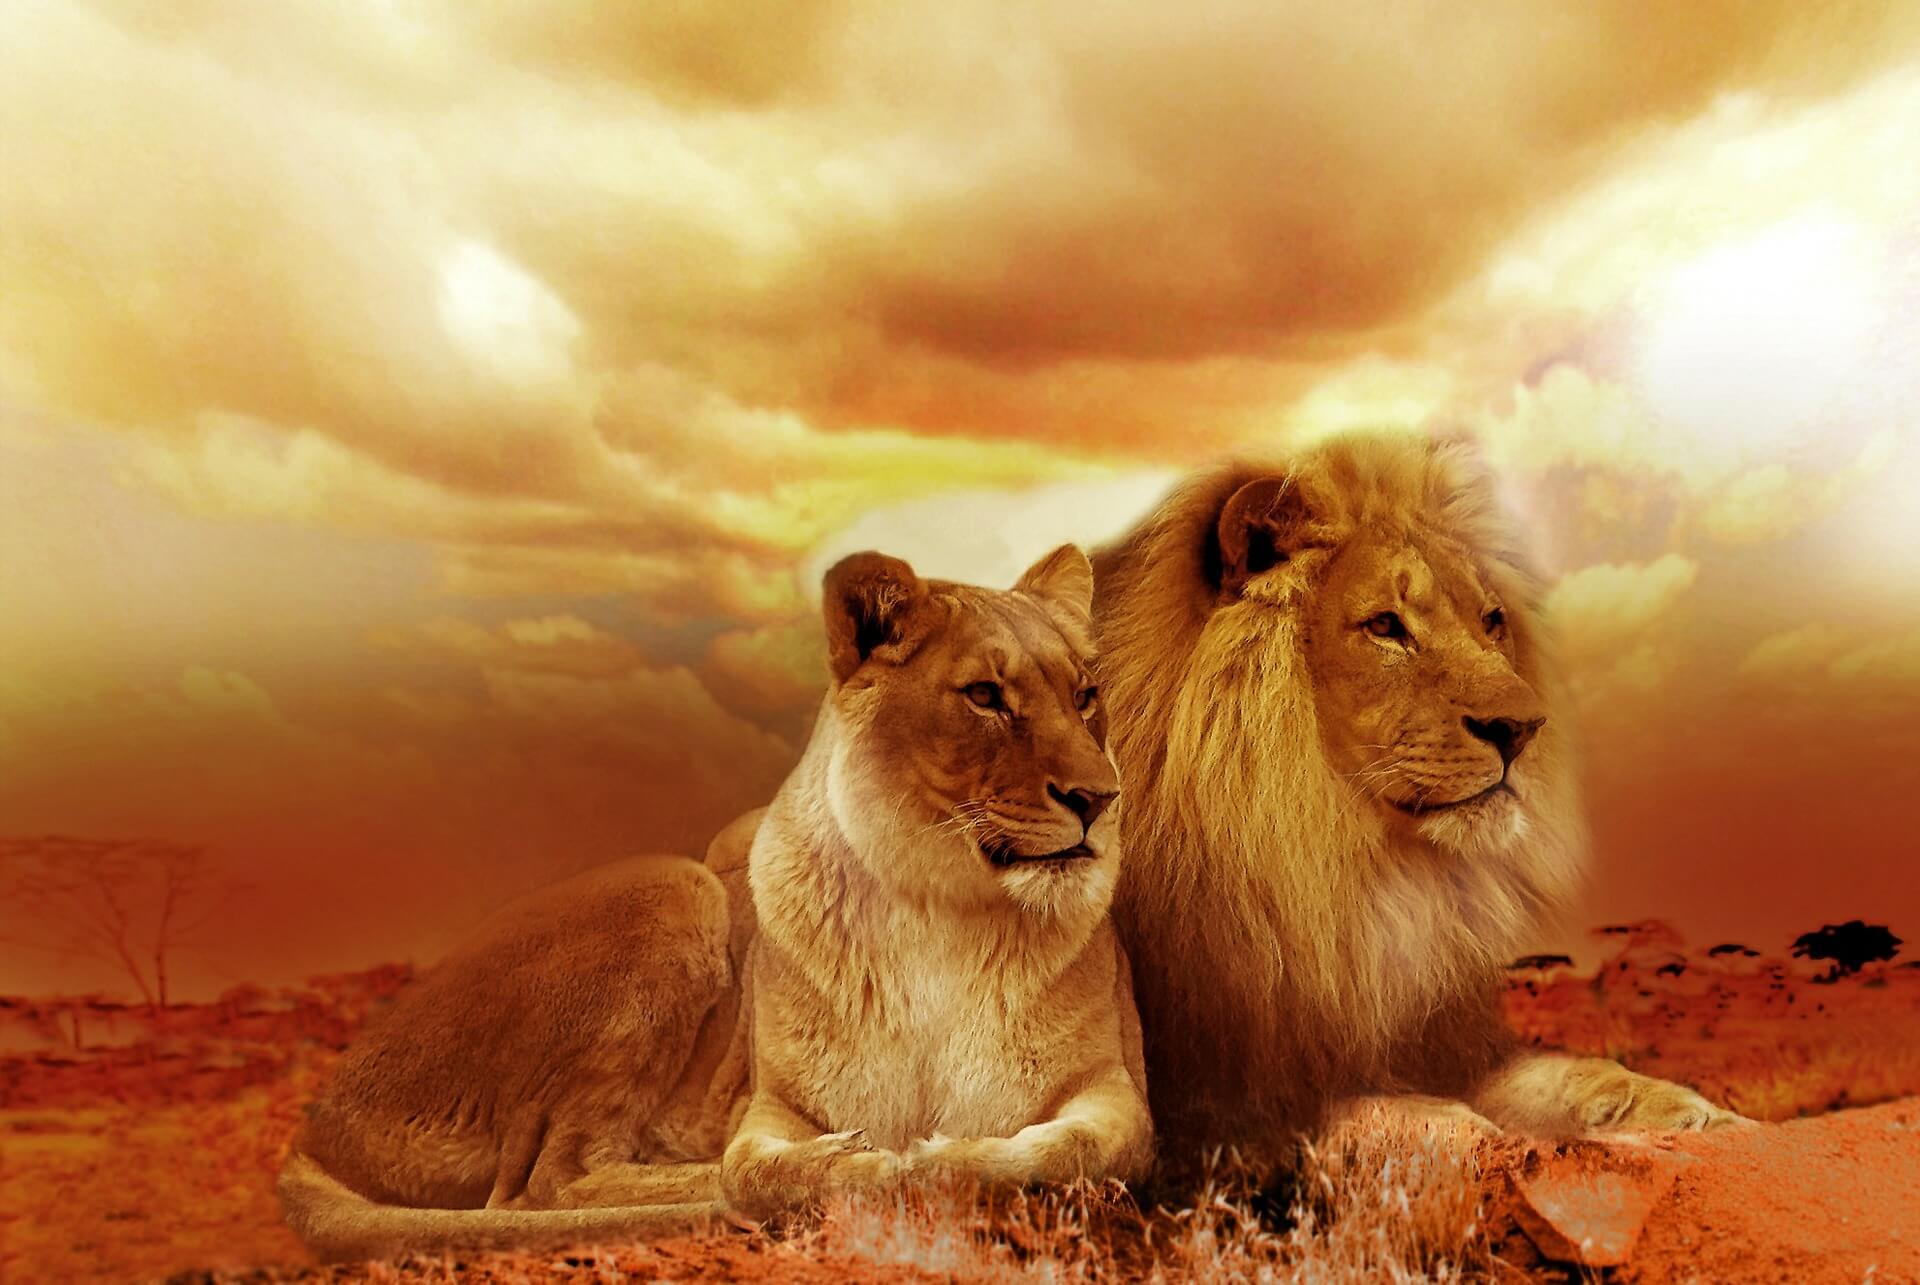 オスライオンとメスライオンの画像